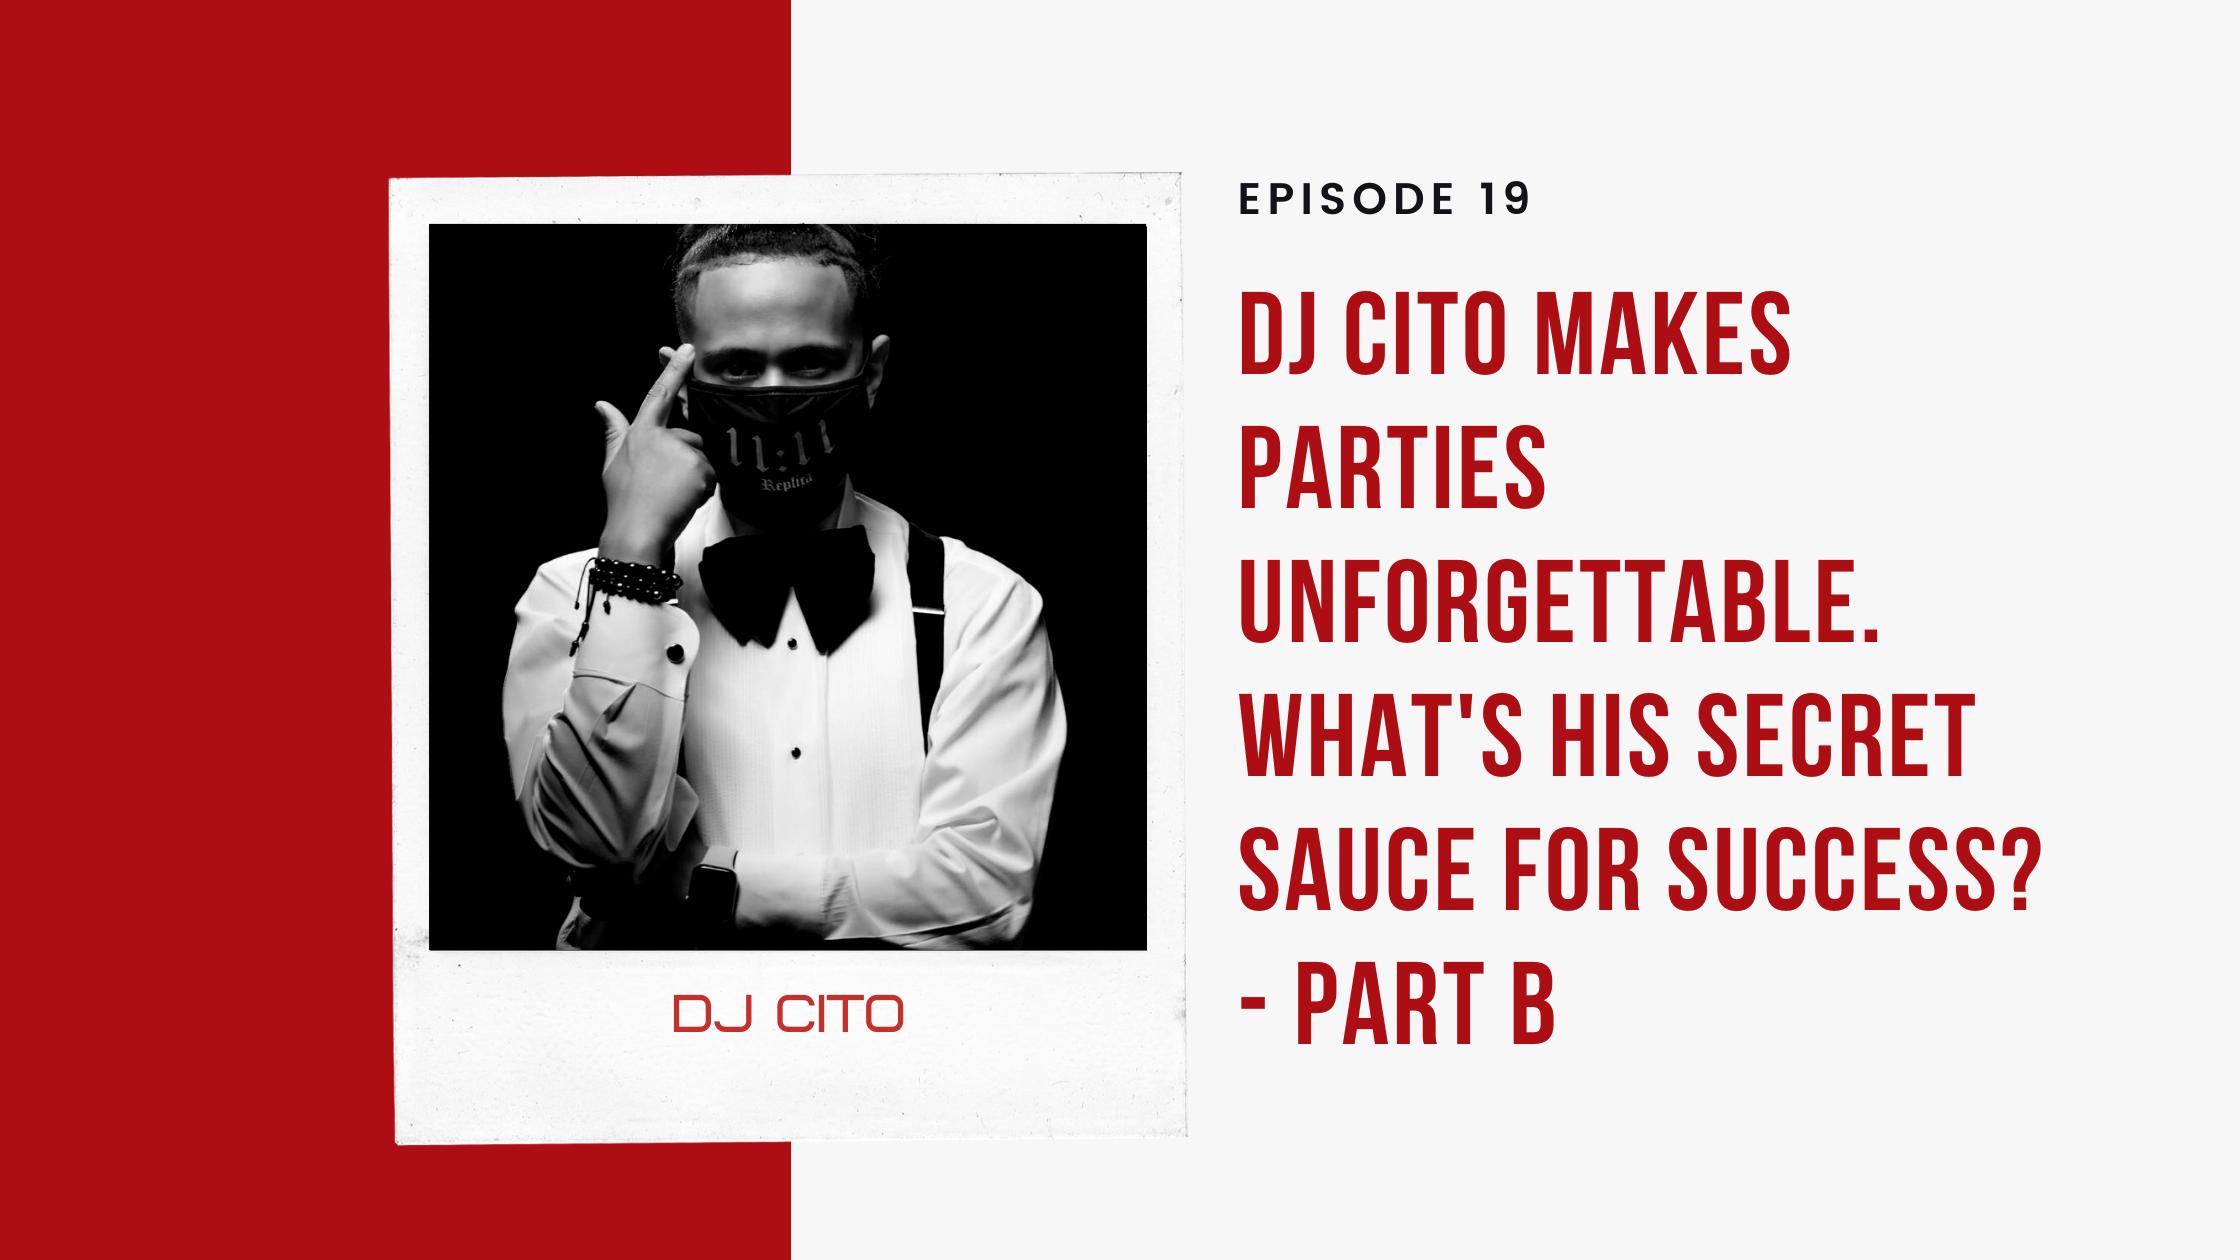 Dj Cito Makes Parties Unforgettable. What's His Secret Sauce for Success? - Part B